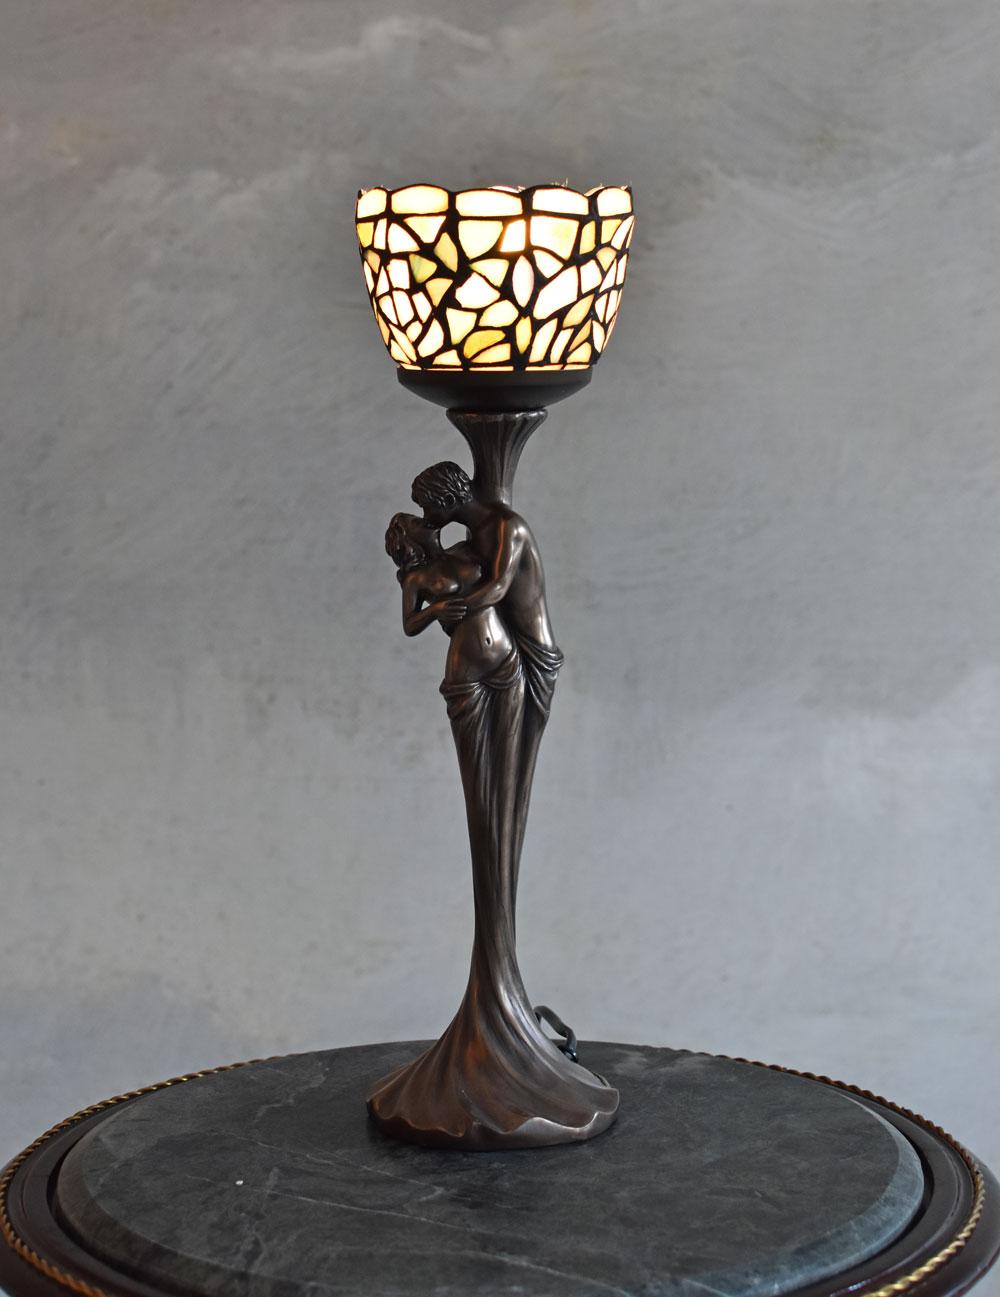 Tischleuchte Lampe Frauenfigur Elfenfigur Tischlampe Dekolampe Nachttischlampe